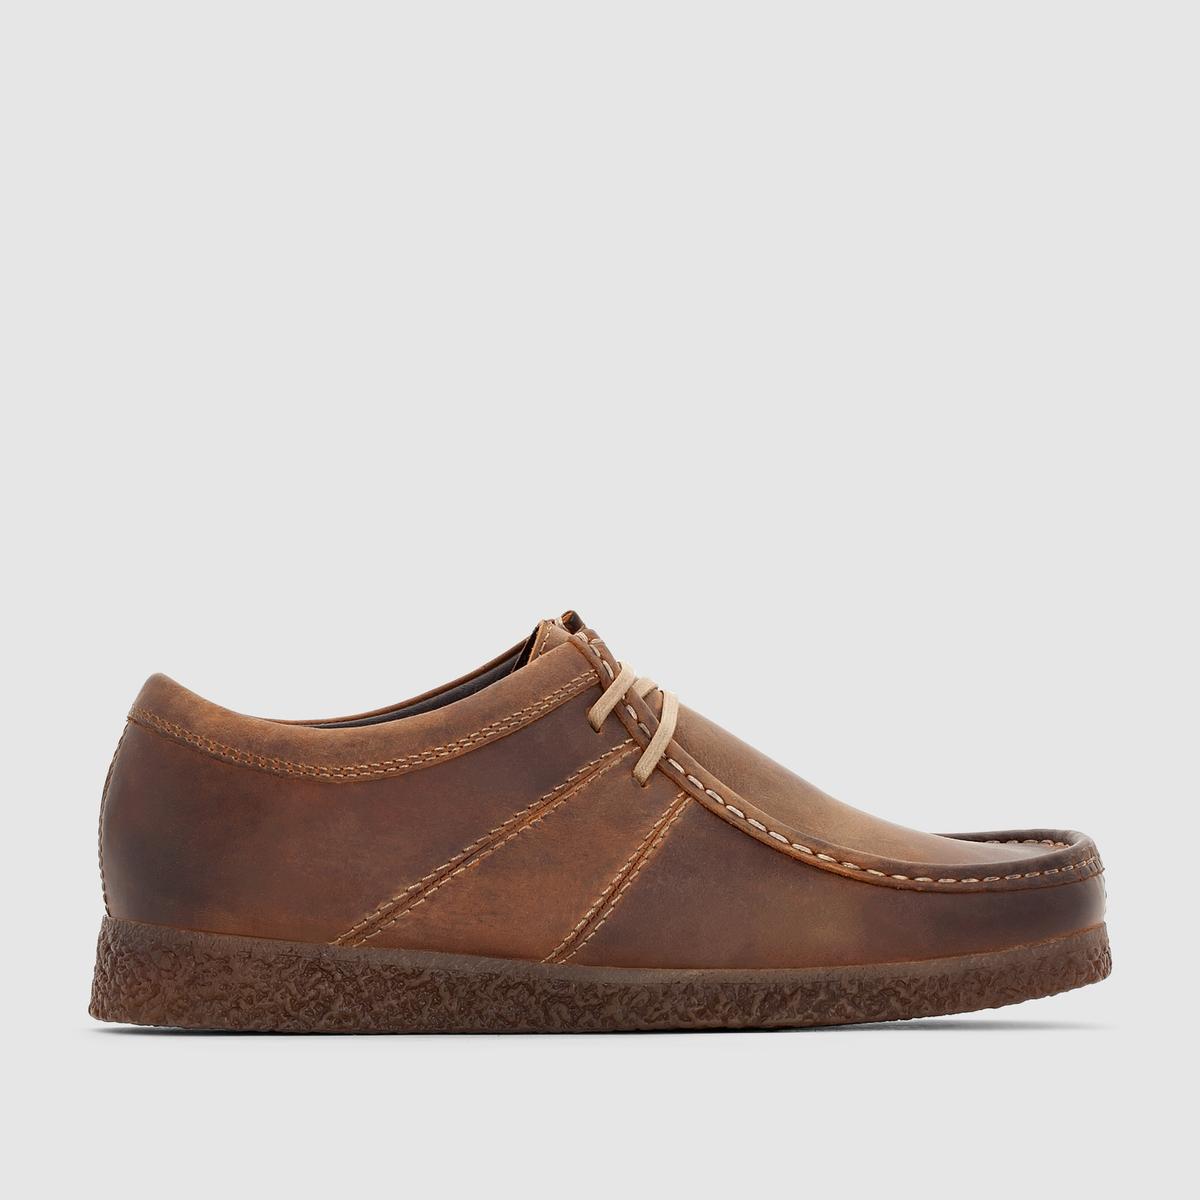 Ботинки-дерби кожаные BASE LONDON LEGACYПреимущества : ботинки-дерби BASE LONDON в стиле мокасин на шнуровке. Кожа, покрытая патиной, в замечательном стиле нео-ретро.<br><br>Цвет: темно-коричневый<br>Размер: 42